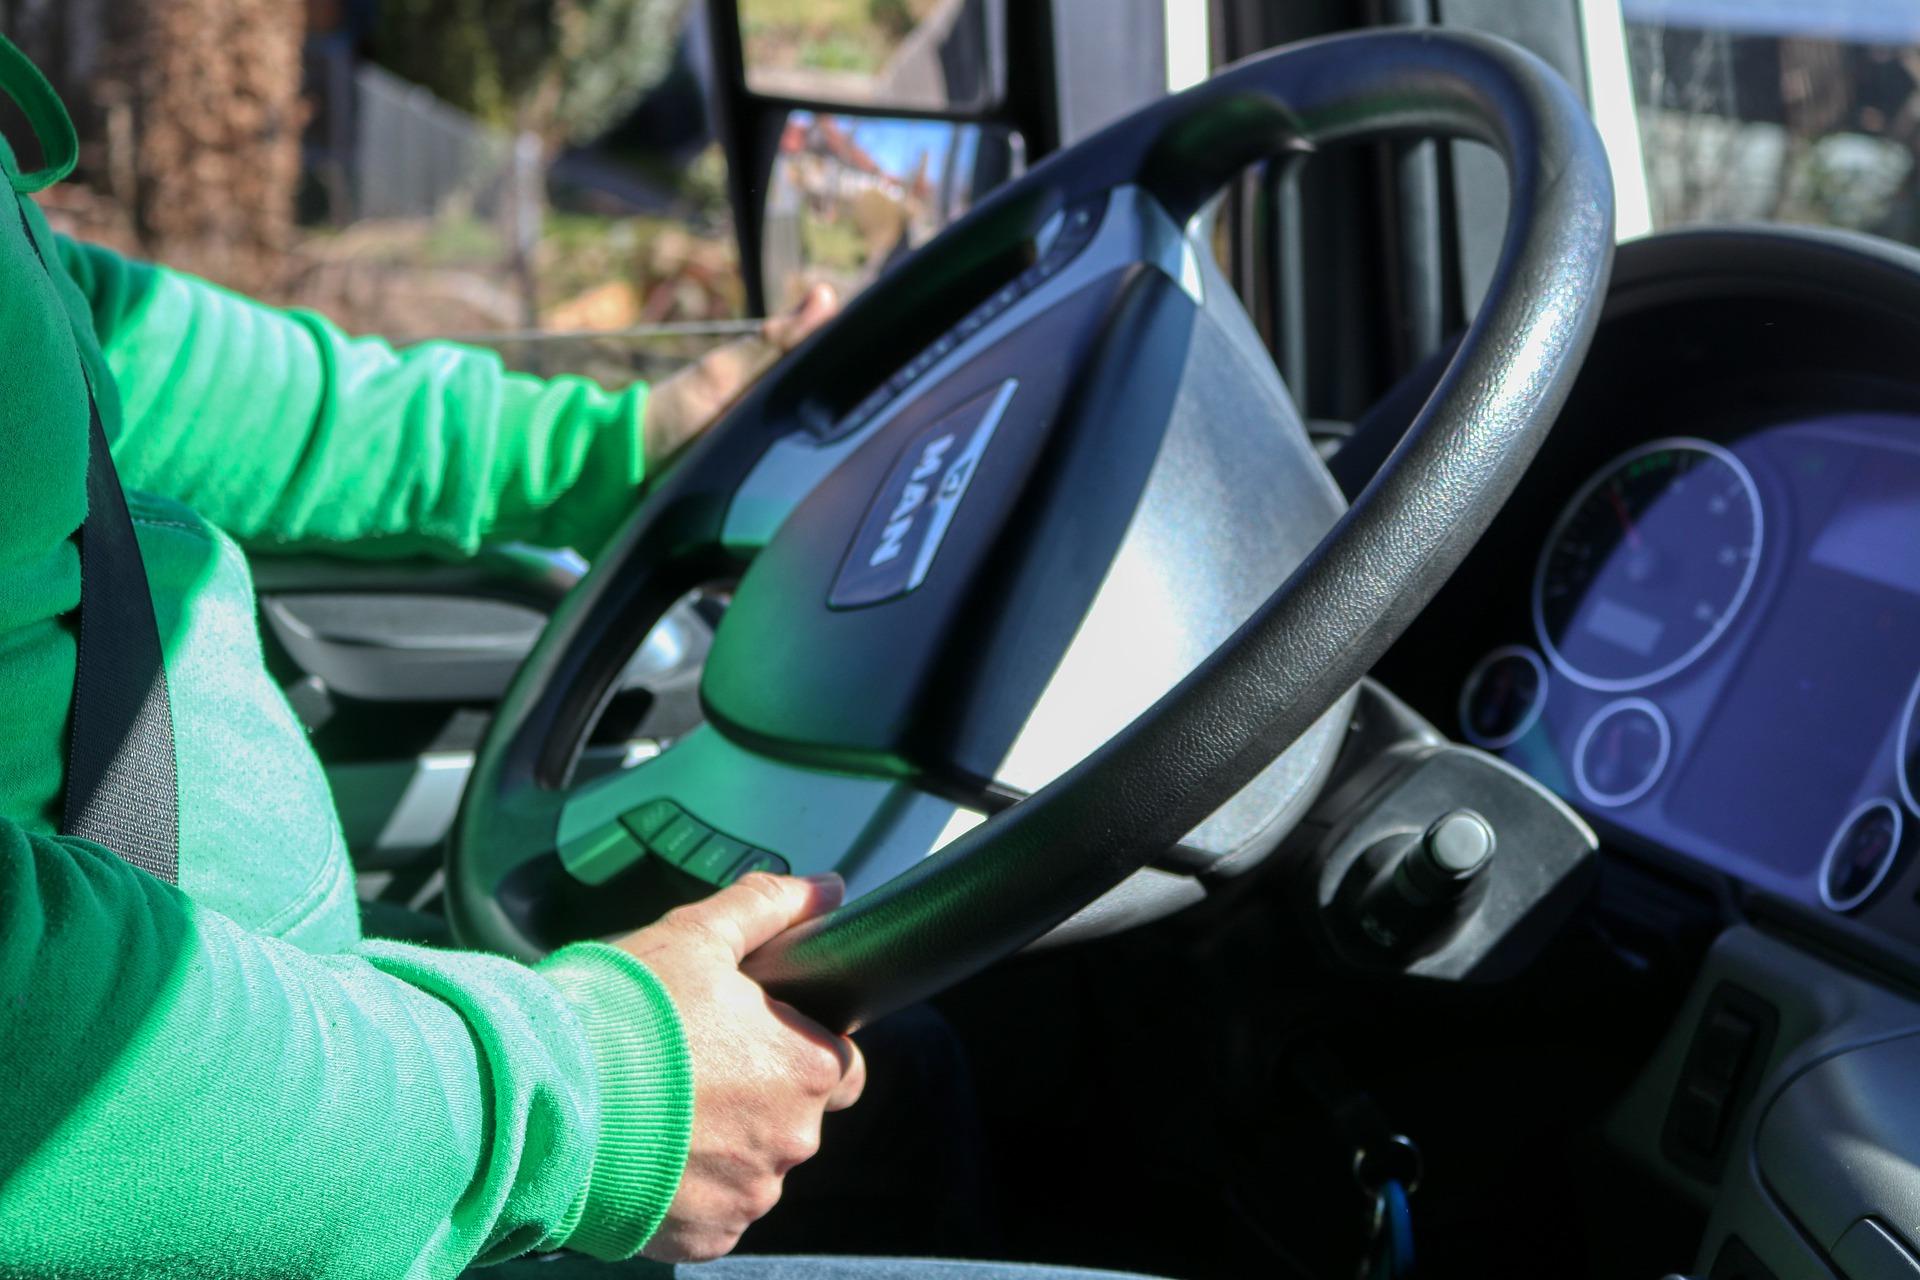 Banen vinden – Een uitzendbureau gebruiken om een baan als vrachtwagenchauffeur te krijgen